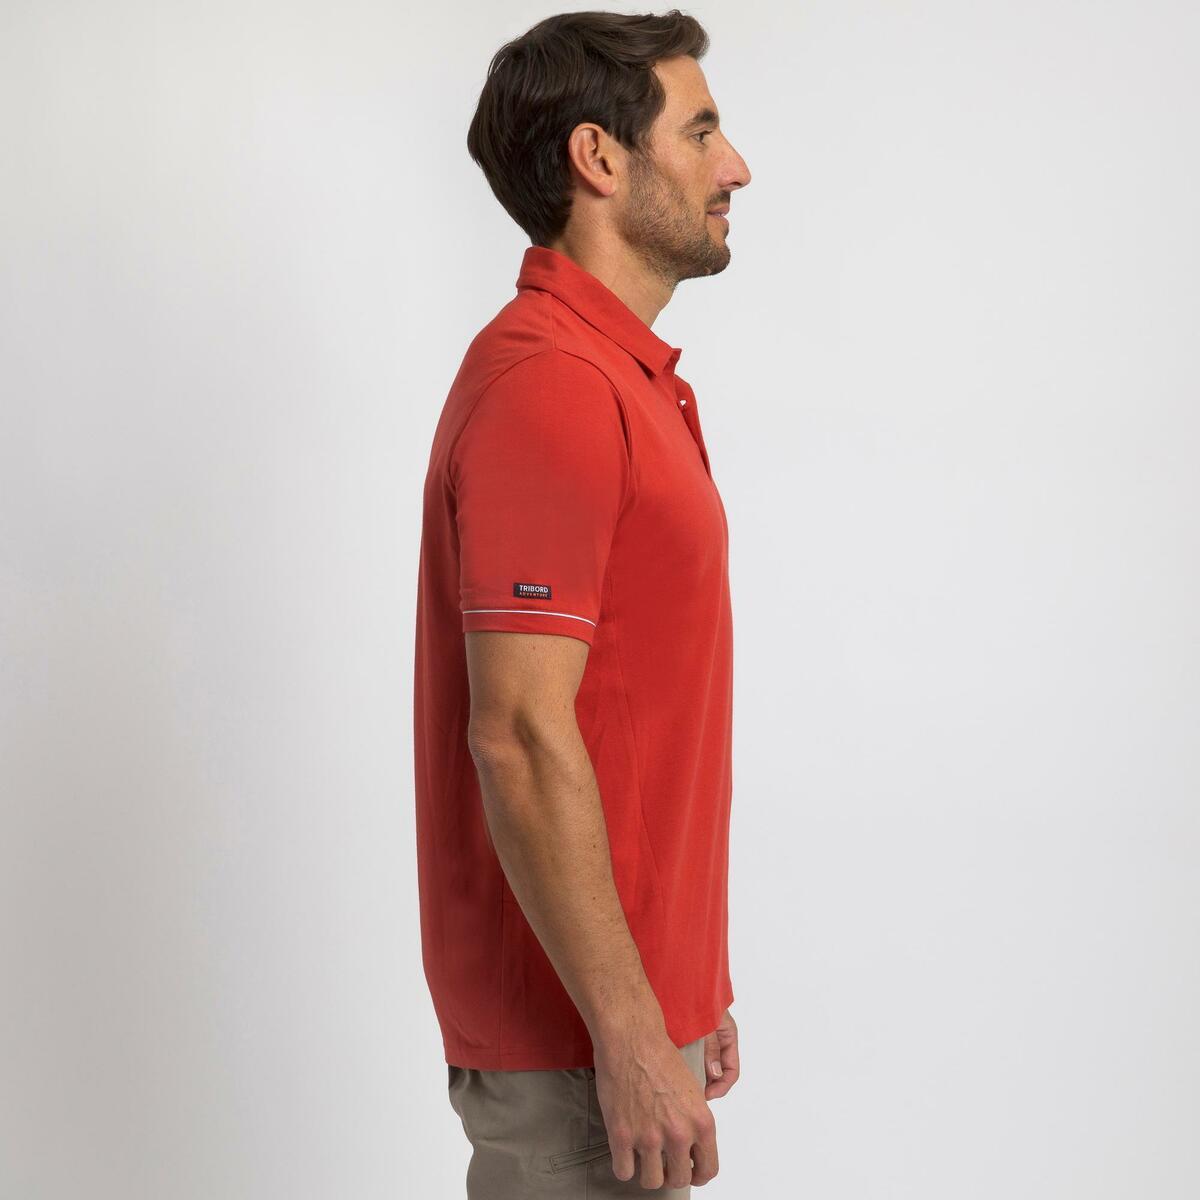 Bild 3 von Poloshirt Segeln kurzarm Sailing 100 Herren rot